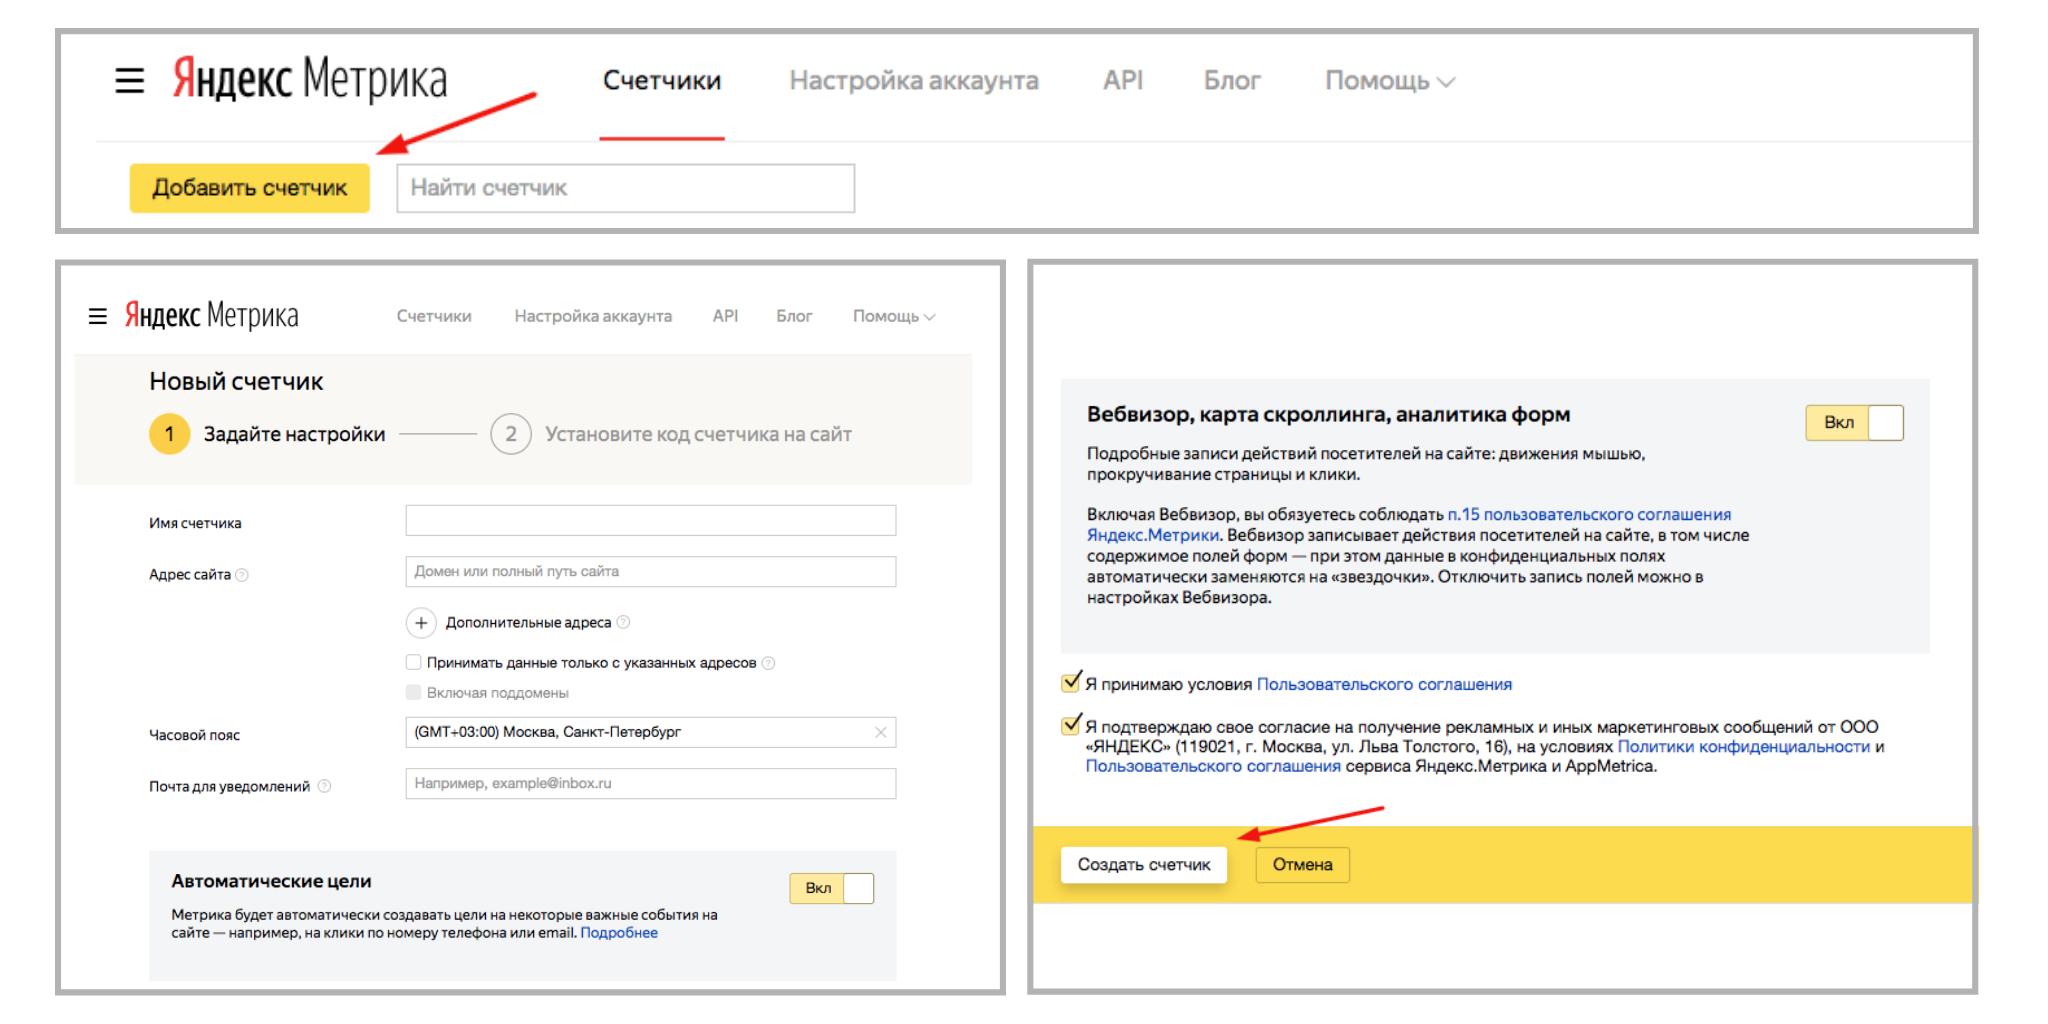 Как настроить Яндекс.Метрику для Яндекс.Директ